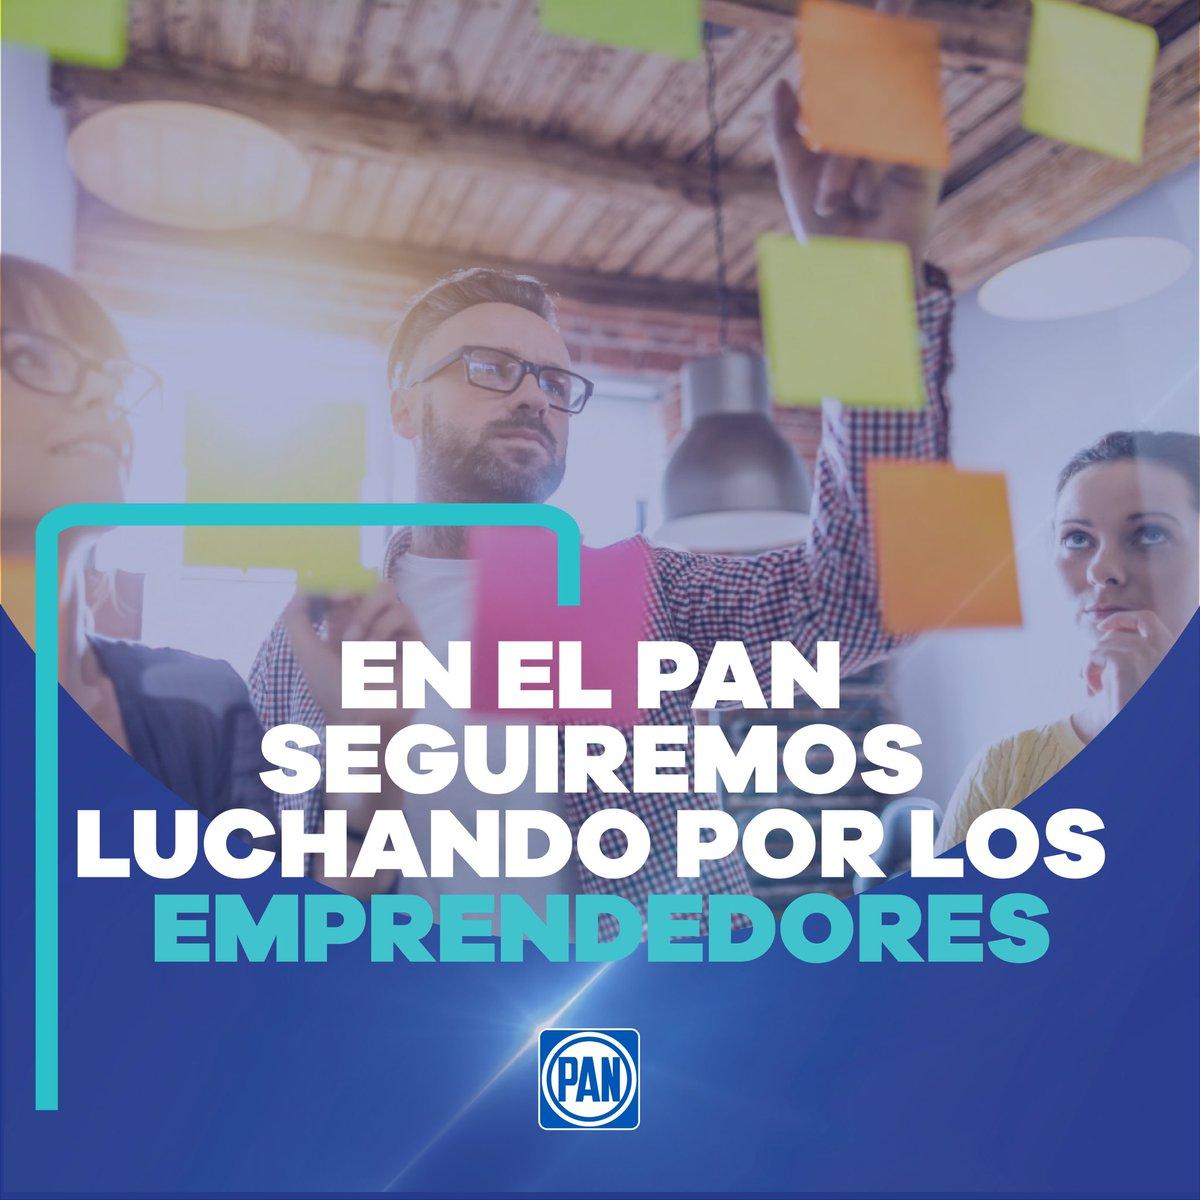 Morena da otro golpe a la ciudadanía al desaparecer el #INADEM. Millones de jóvenes, mujeres, pequeños y medianos empresarios se quedan sin apoyo para emprender un negocio y generar empleos, que es lo que #México necesita. En el #PAN seguiremos luchando por los emprendedores.